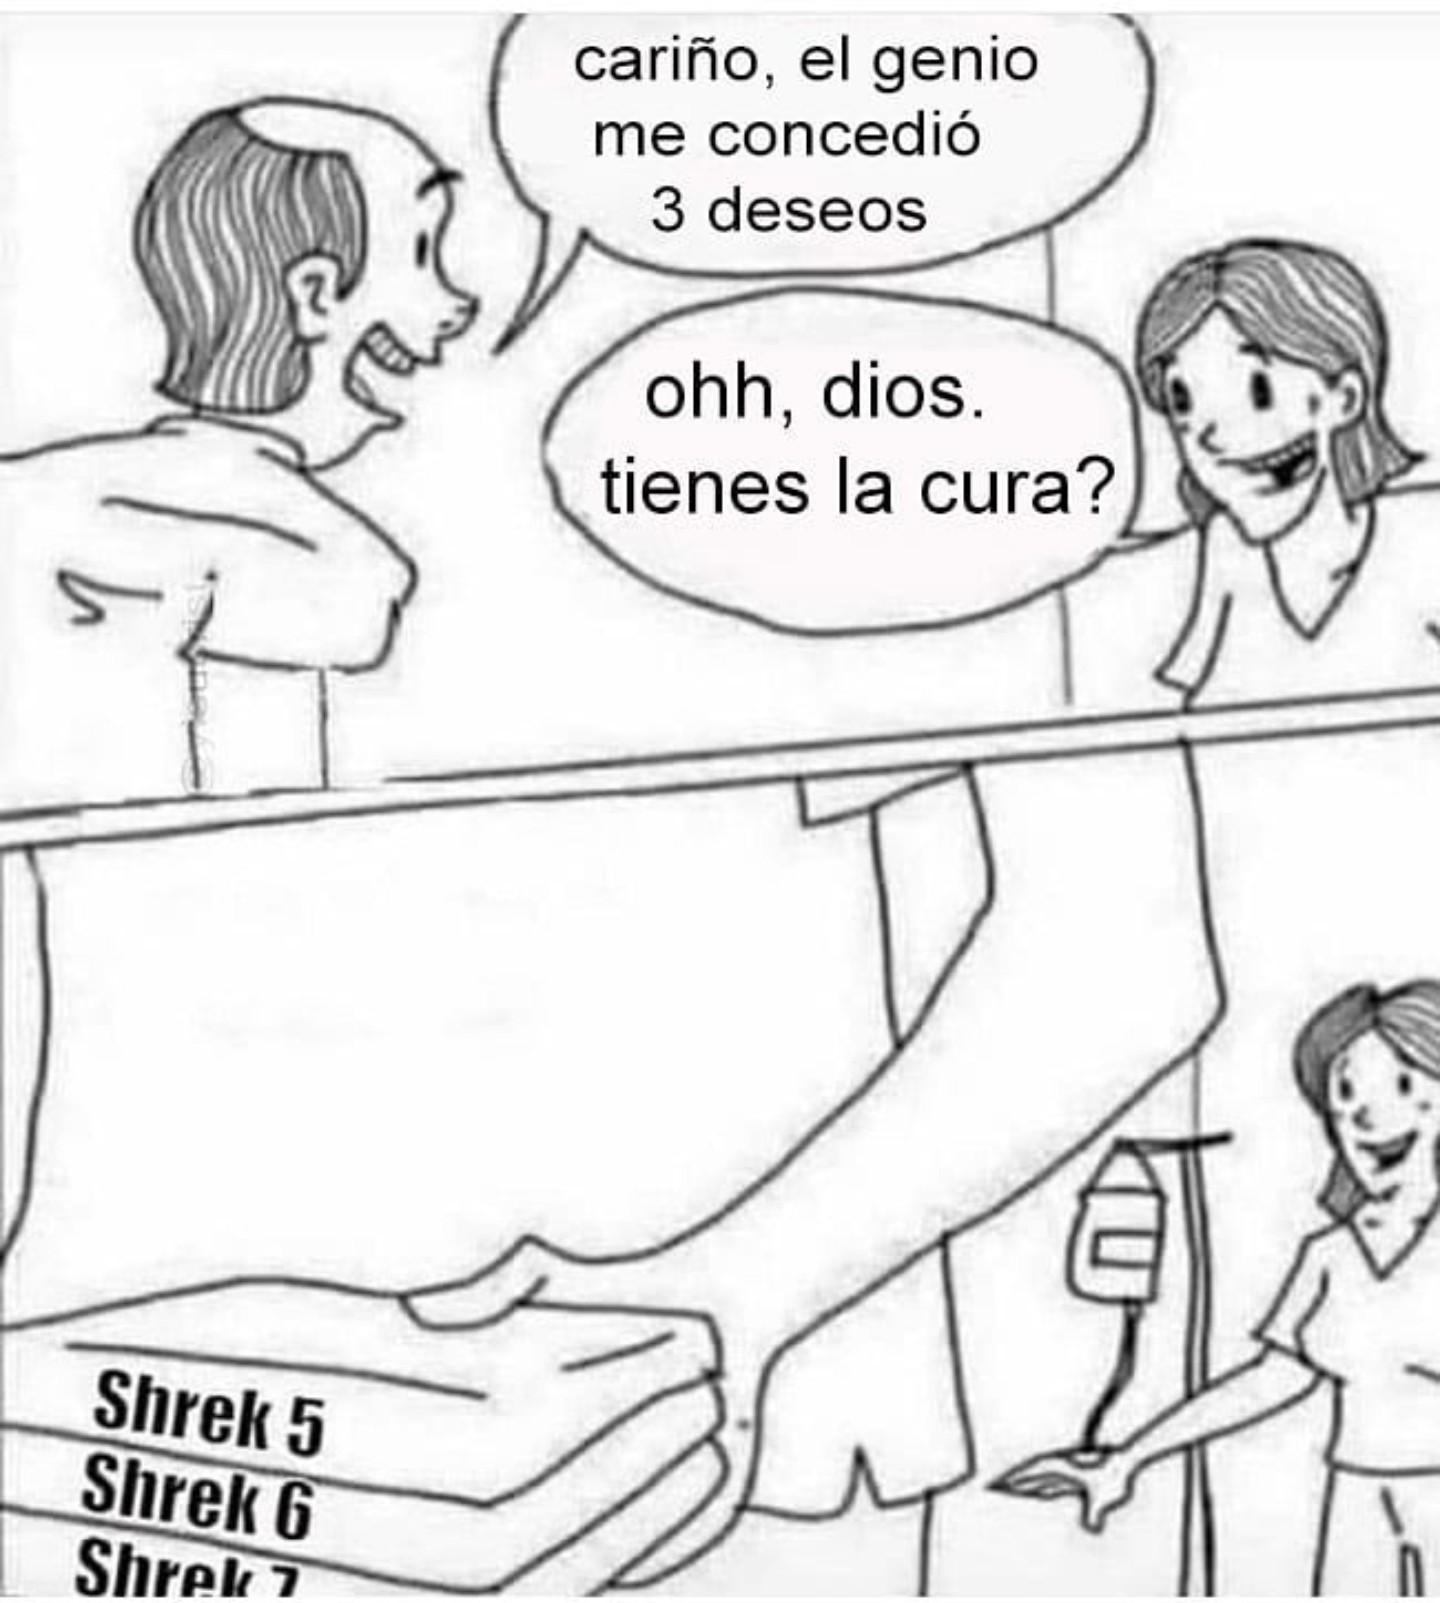 Shrek 5, Shrek 6 y Shrek 7 - meme